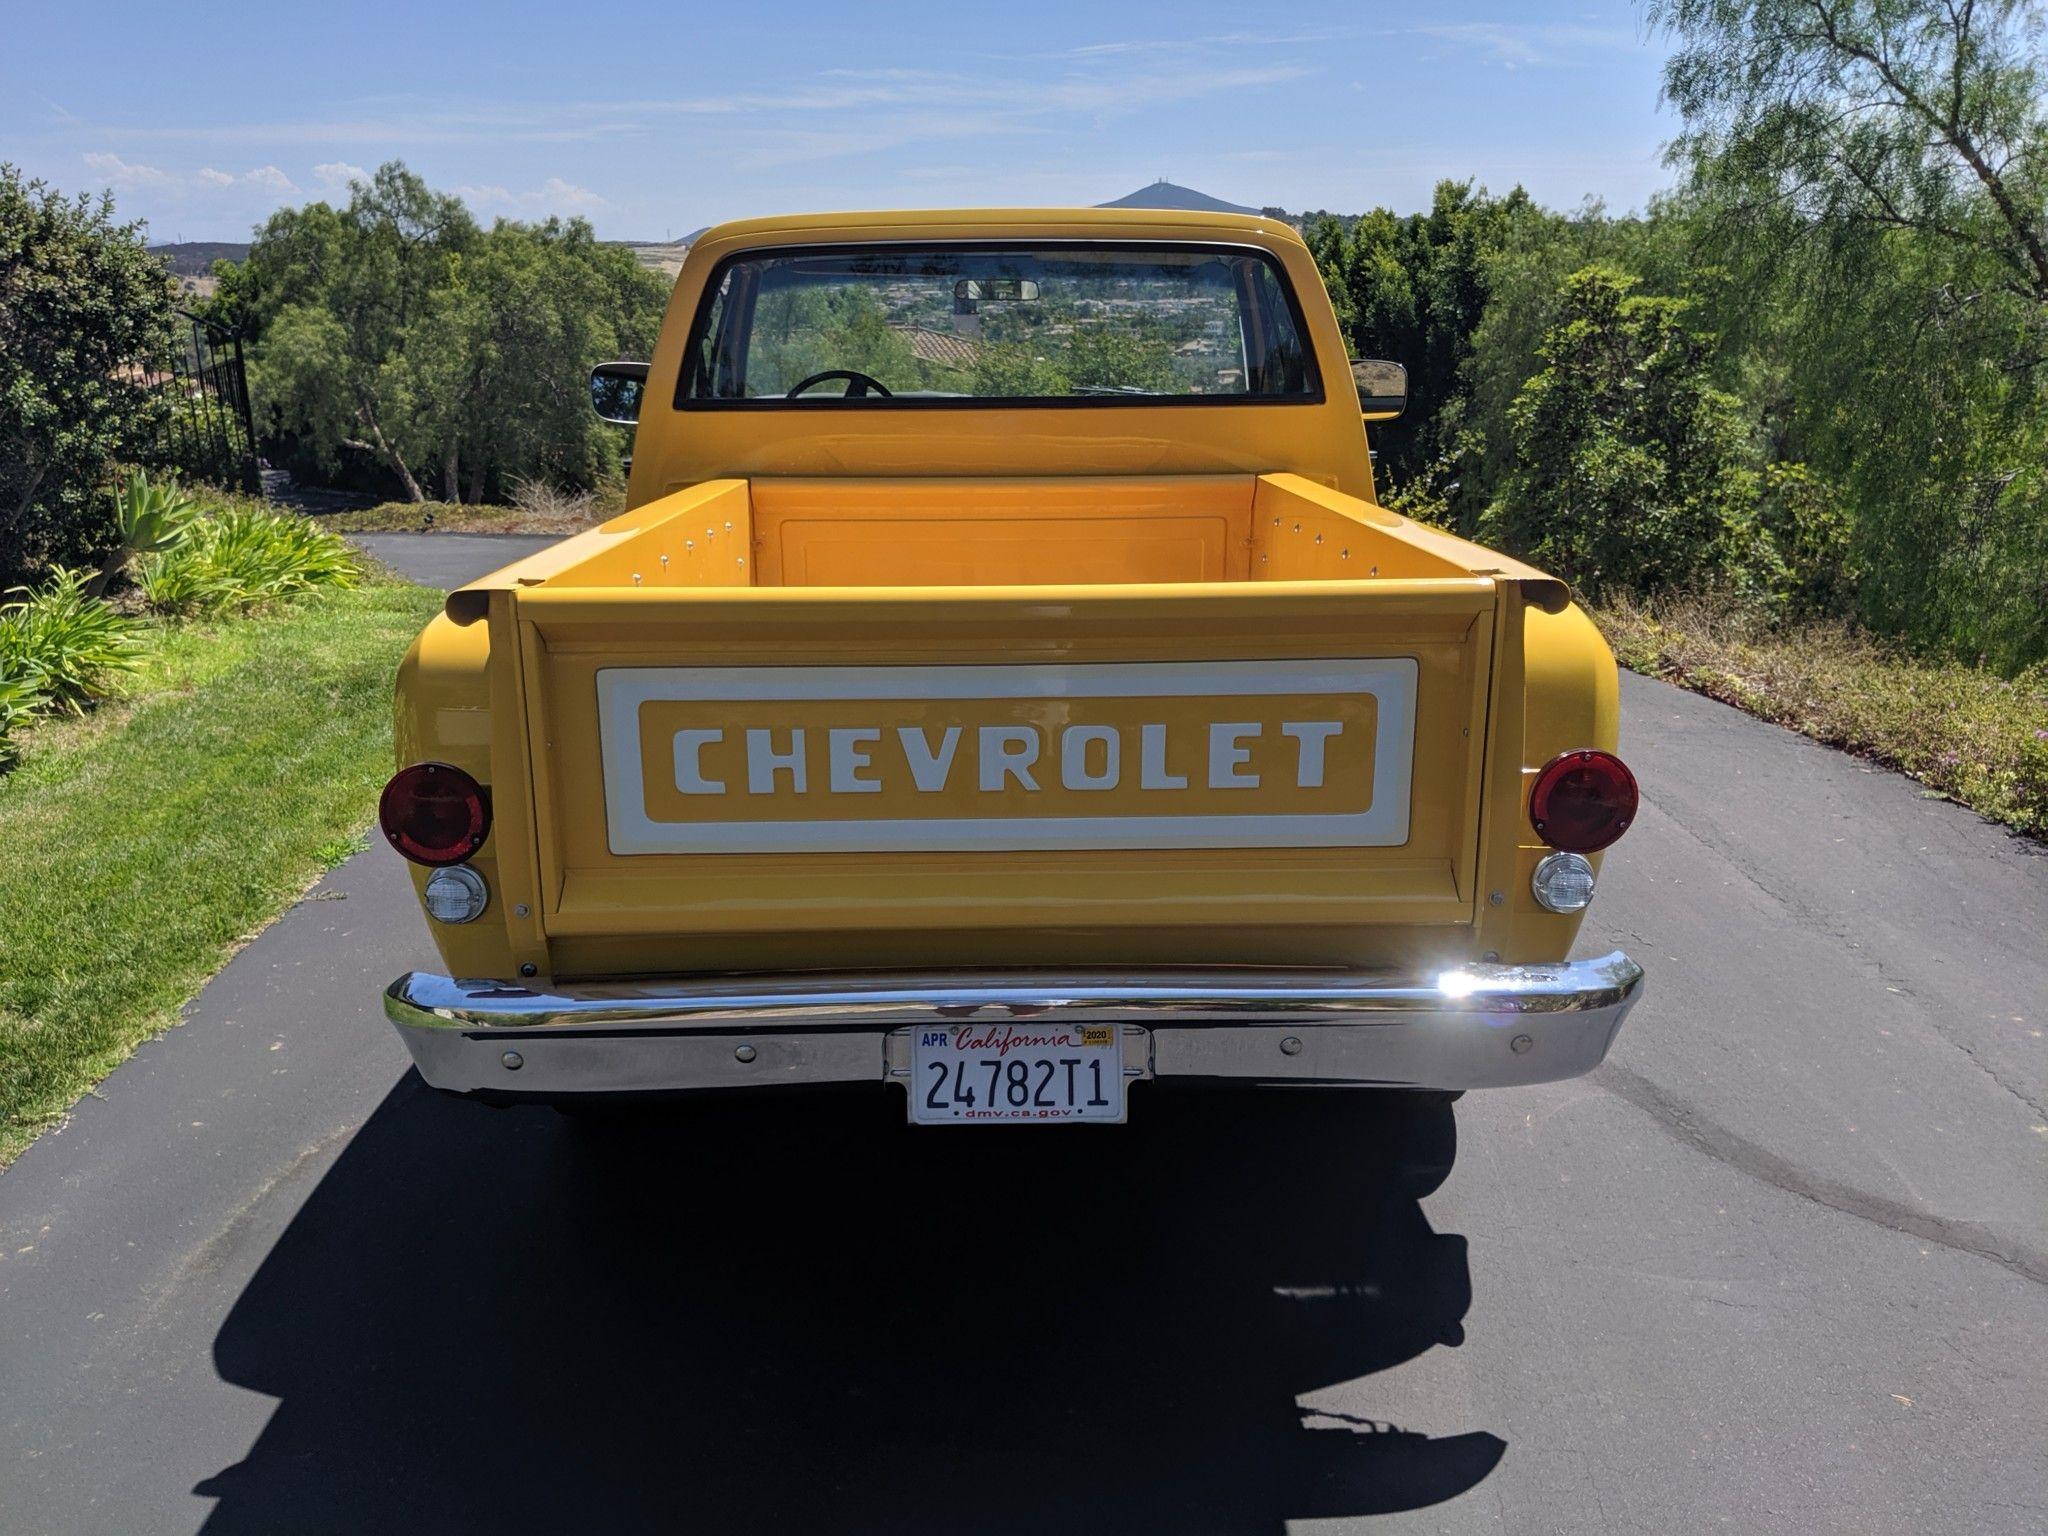 1974 Chevrolet C10 Stepside C10 stepside, Chevrolet